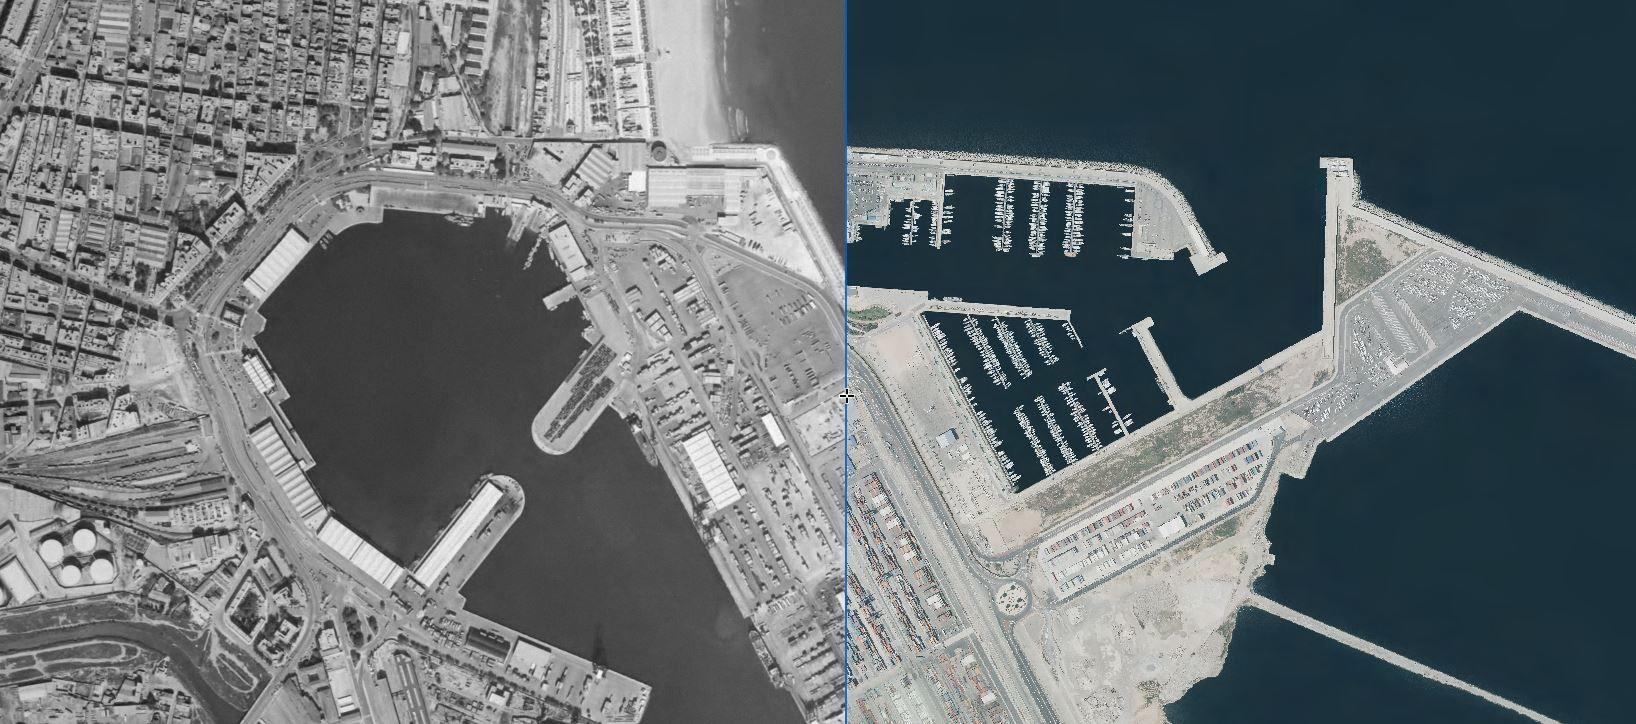 El Puerto, en 1998 y 2018